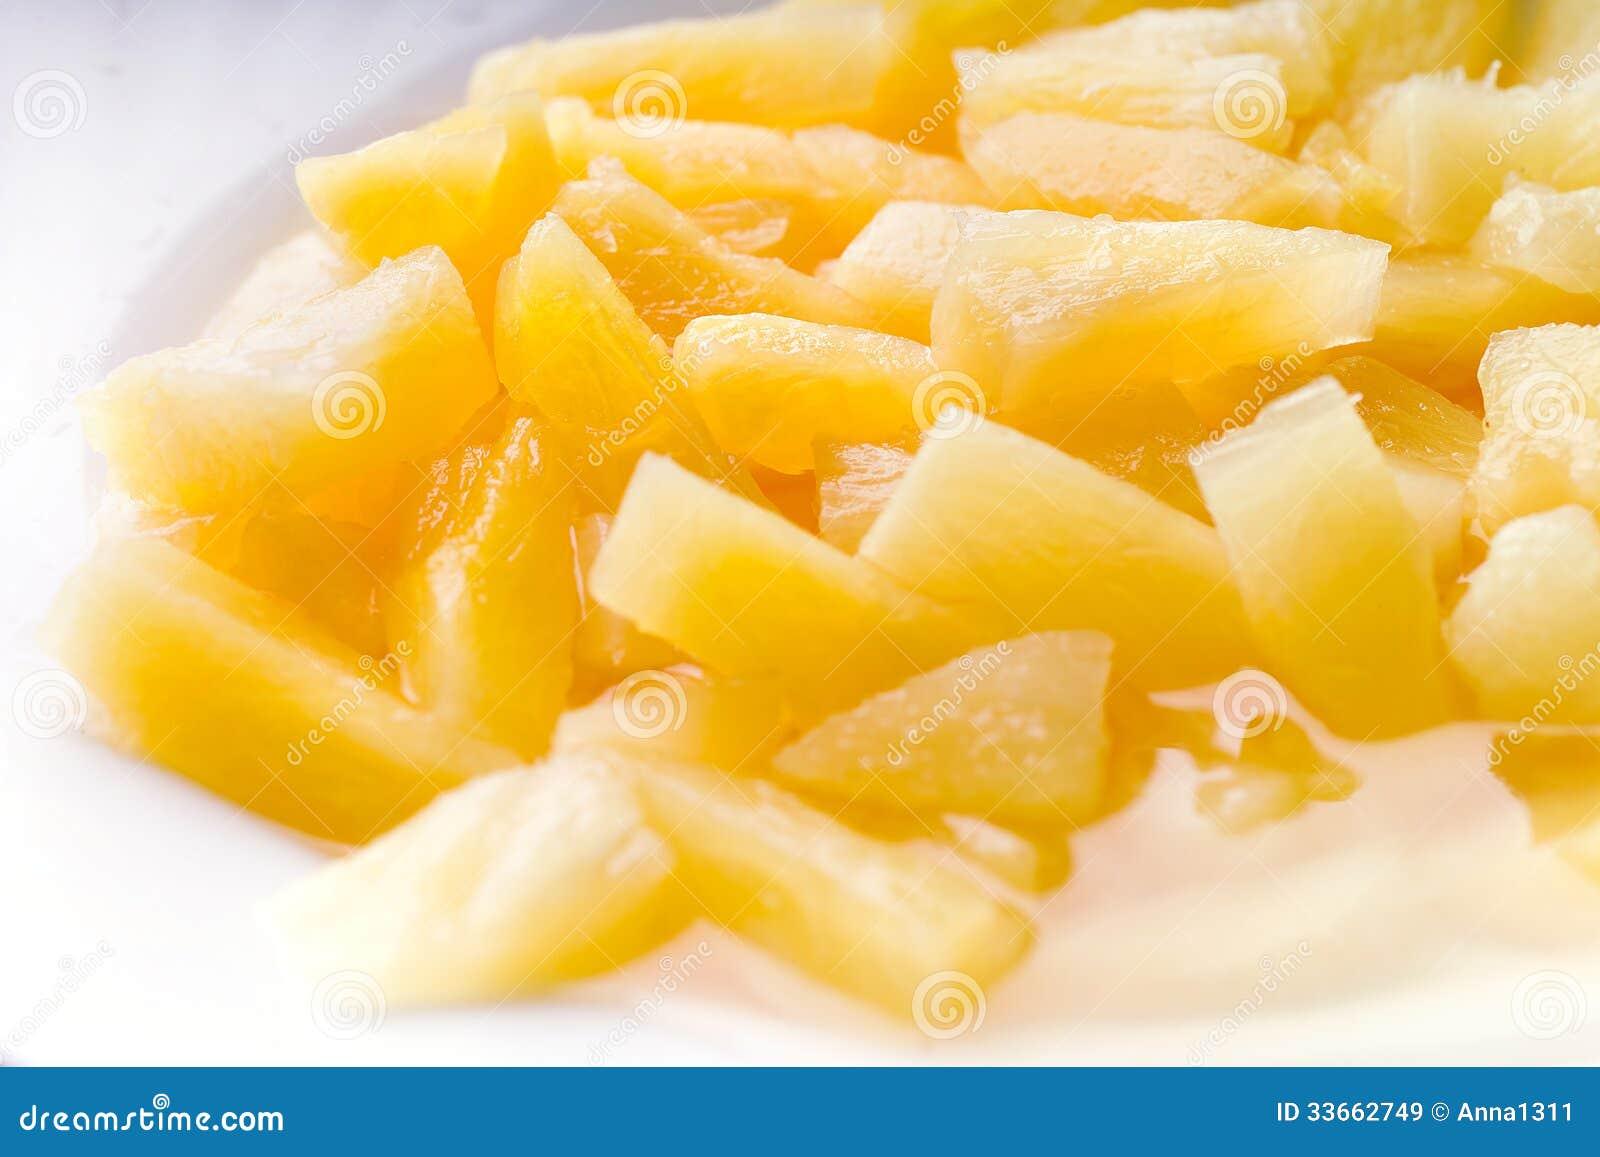 Ananas inscatolato